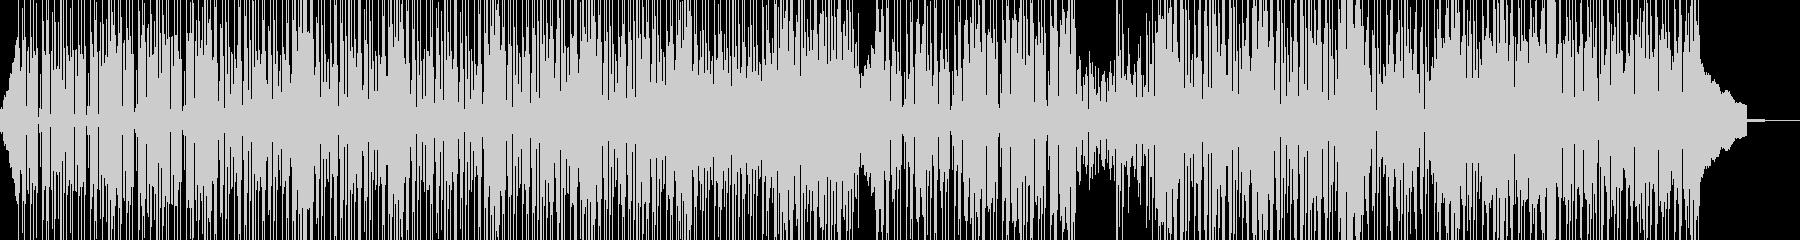 夏バテ(×ω×)無気力ポップ 表拍子Bの未再生の波形